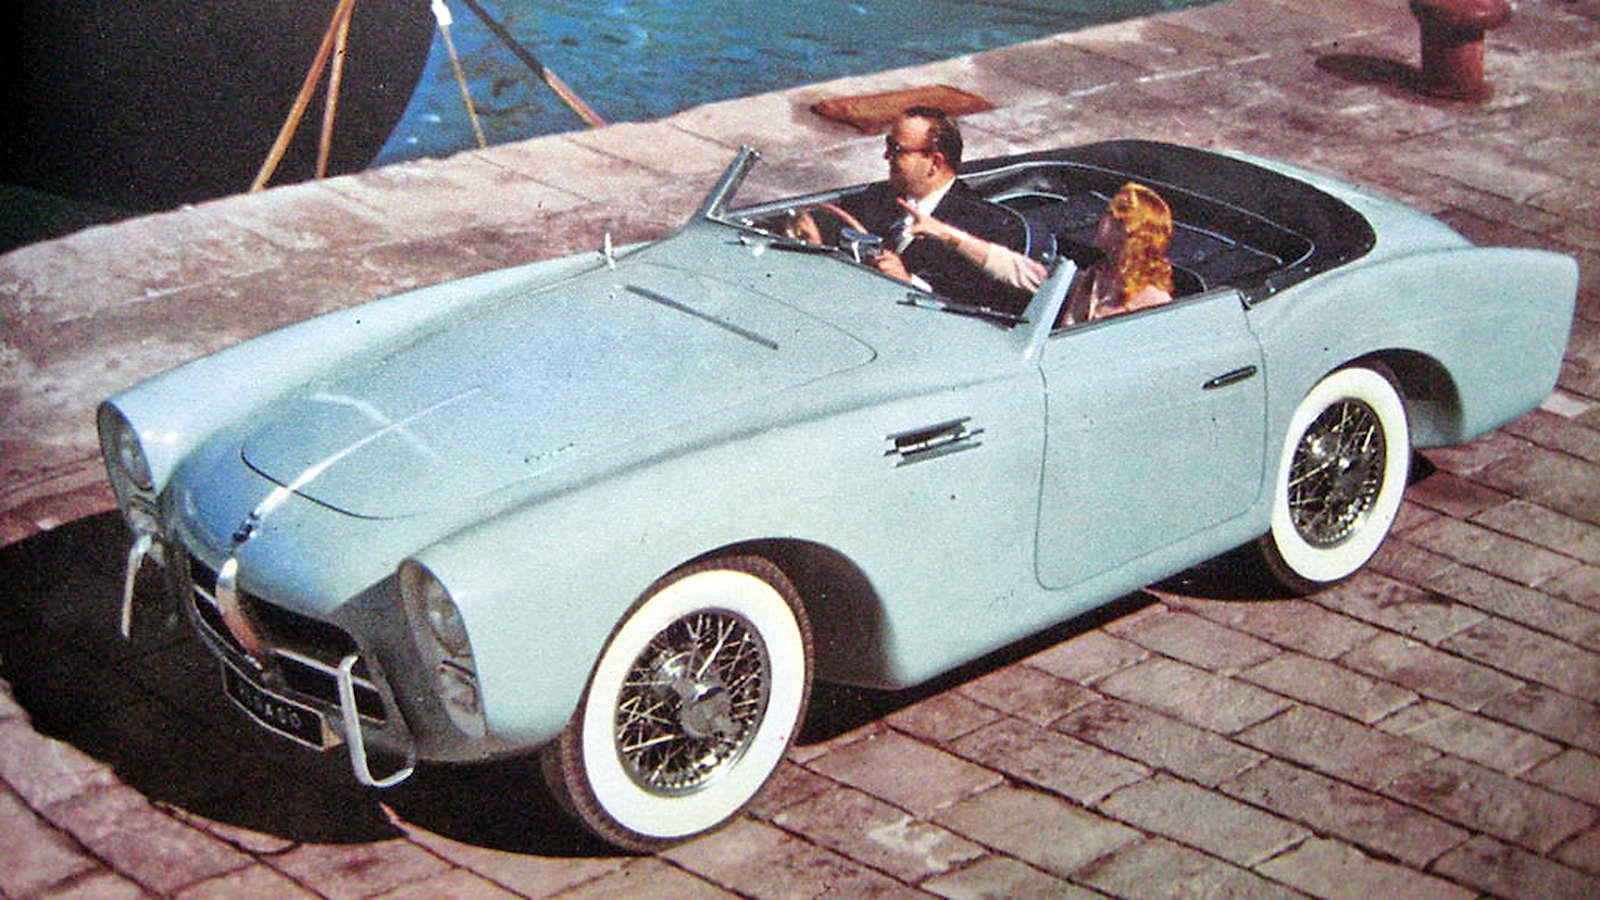 A Subasta El Pegaso Z 102 Series Ii Cabriolet Saoutchik De 1954